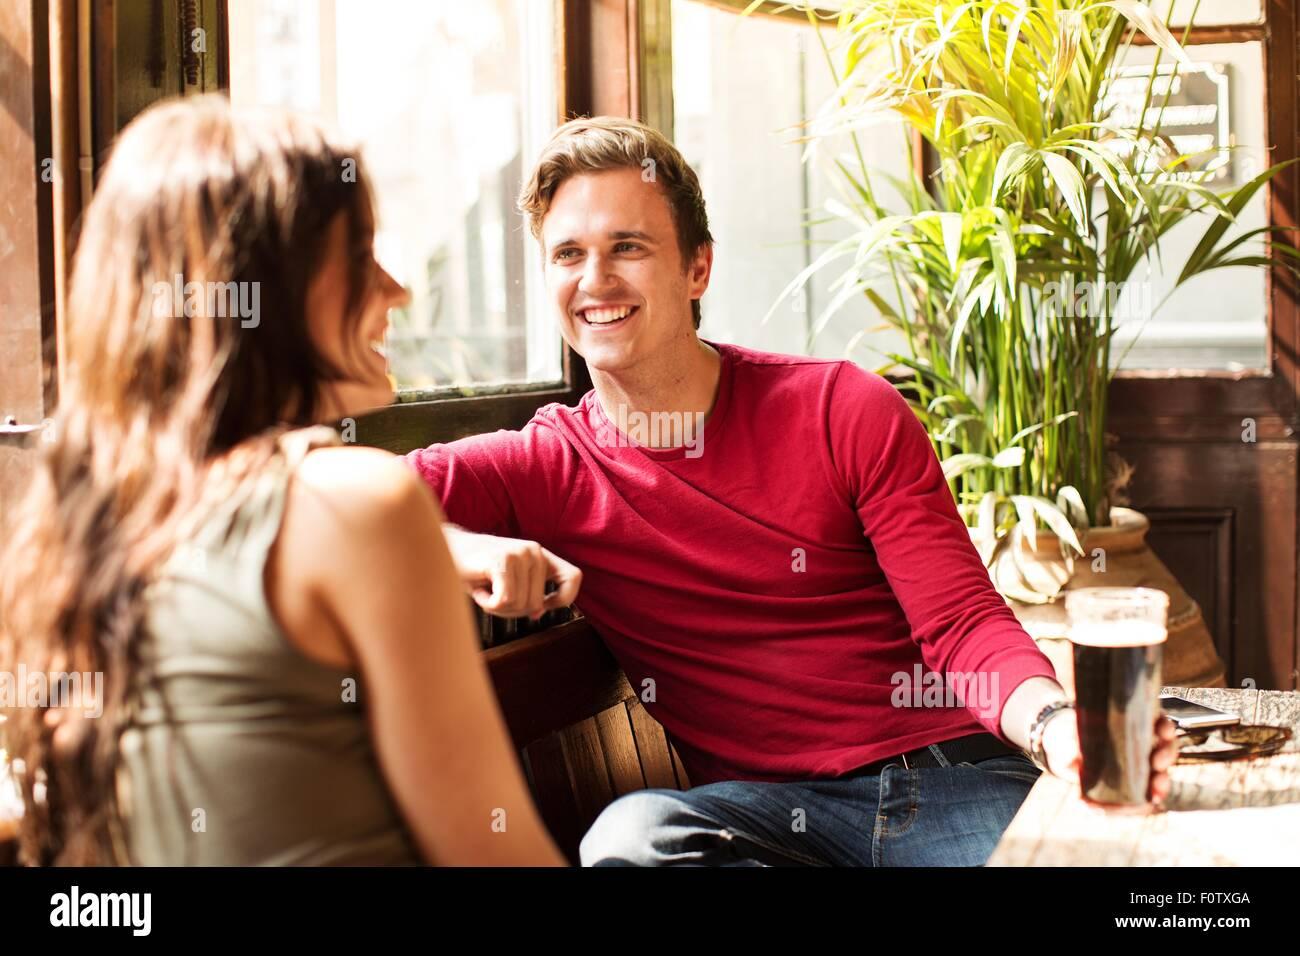 Couple smiling boire un verre Banque D'Images